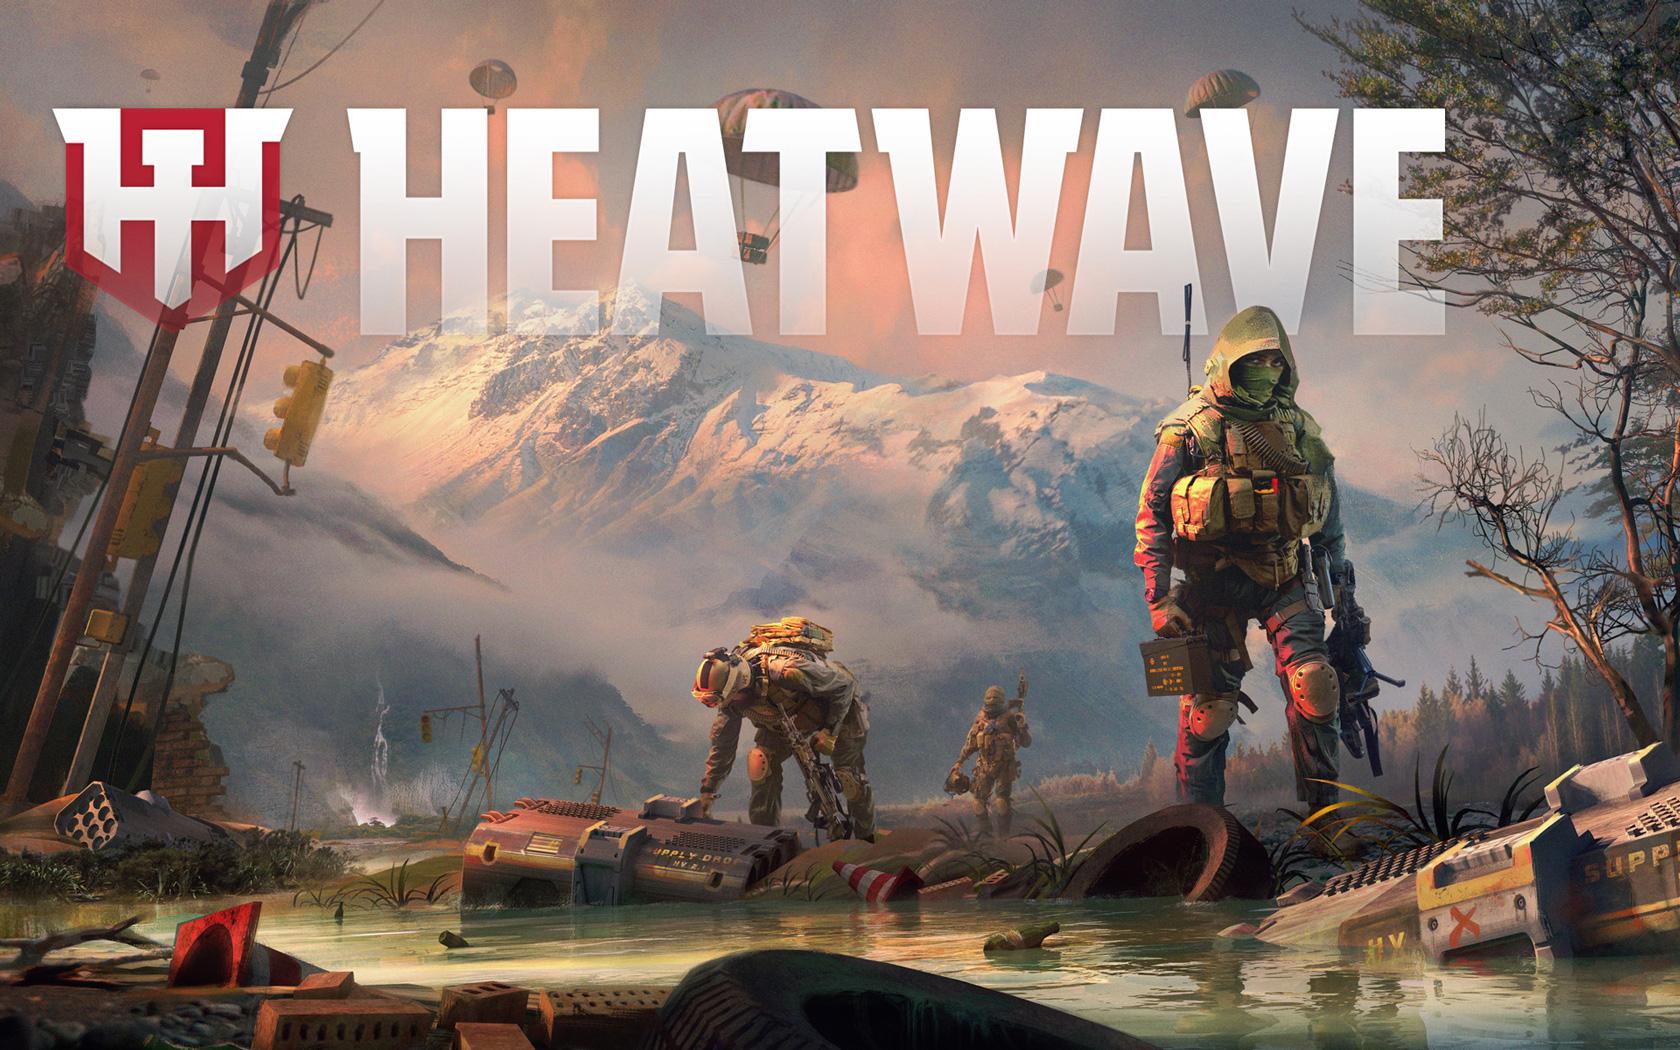 Free Heatwave Wallpaper in 1680x1050